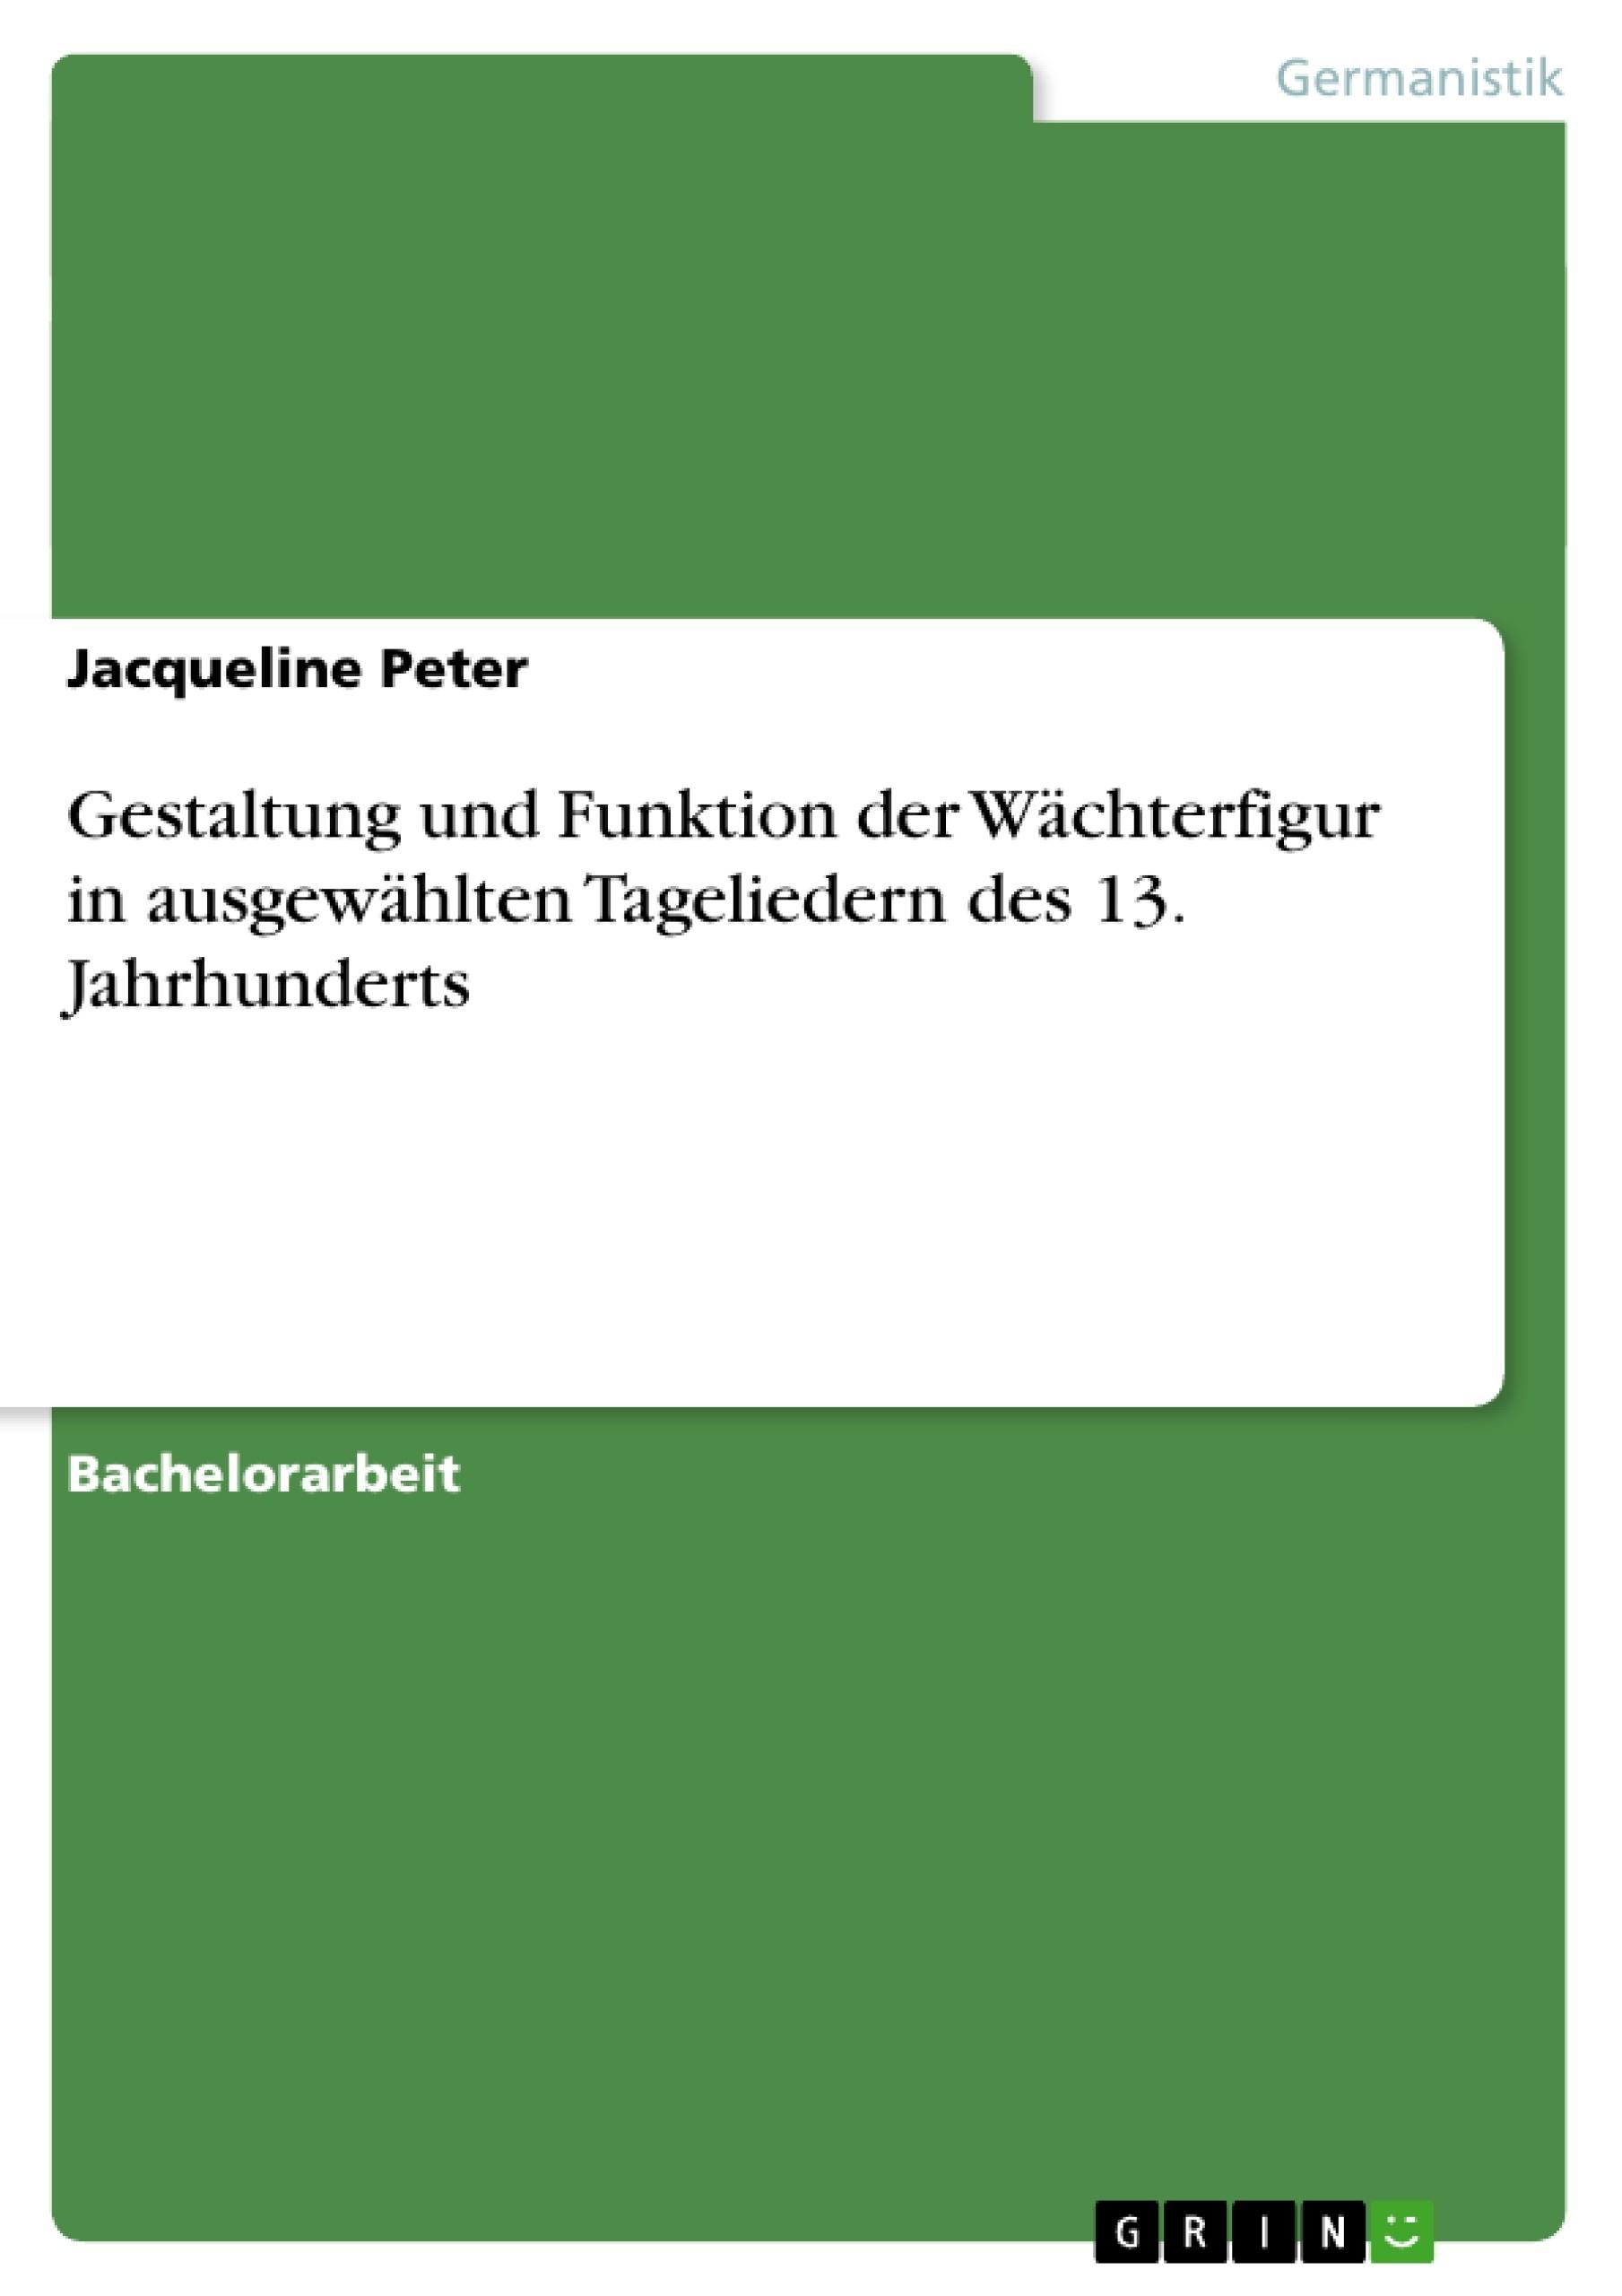 Titel: Gestaltung und Funktion der Wächterfigur in ausgewählten Tageliedern des 13. Jahrhunderts